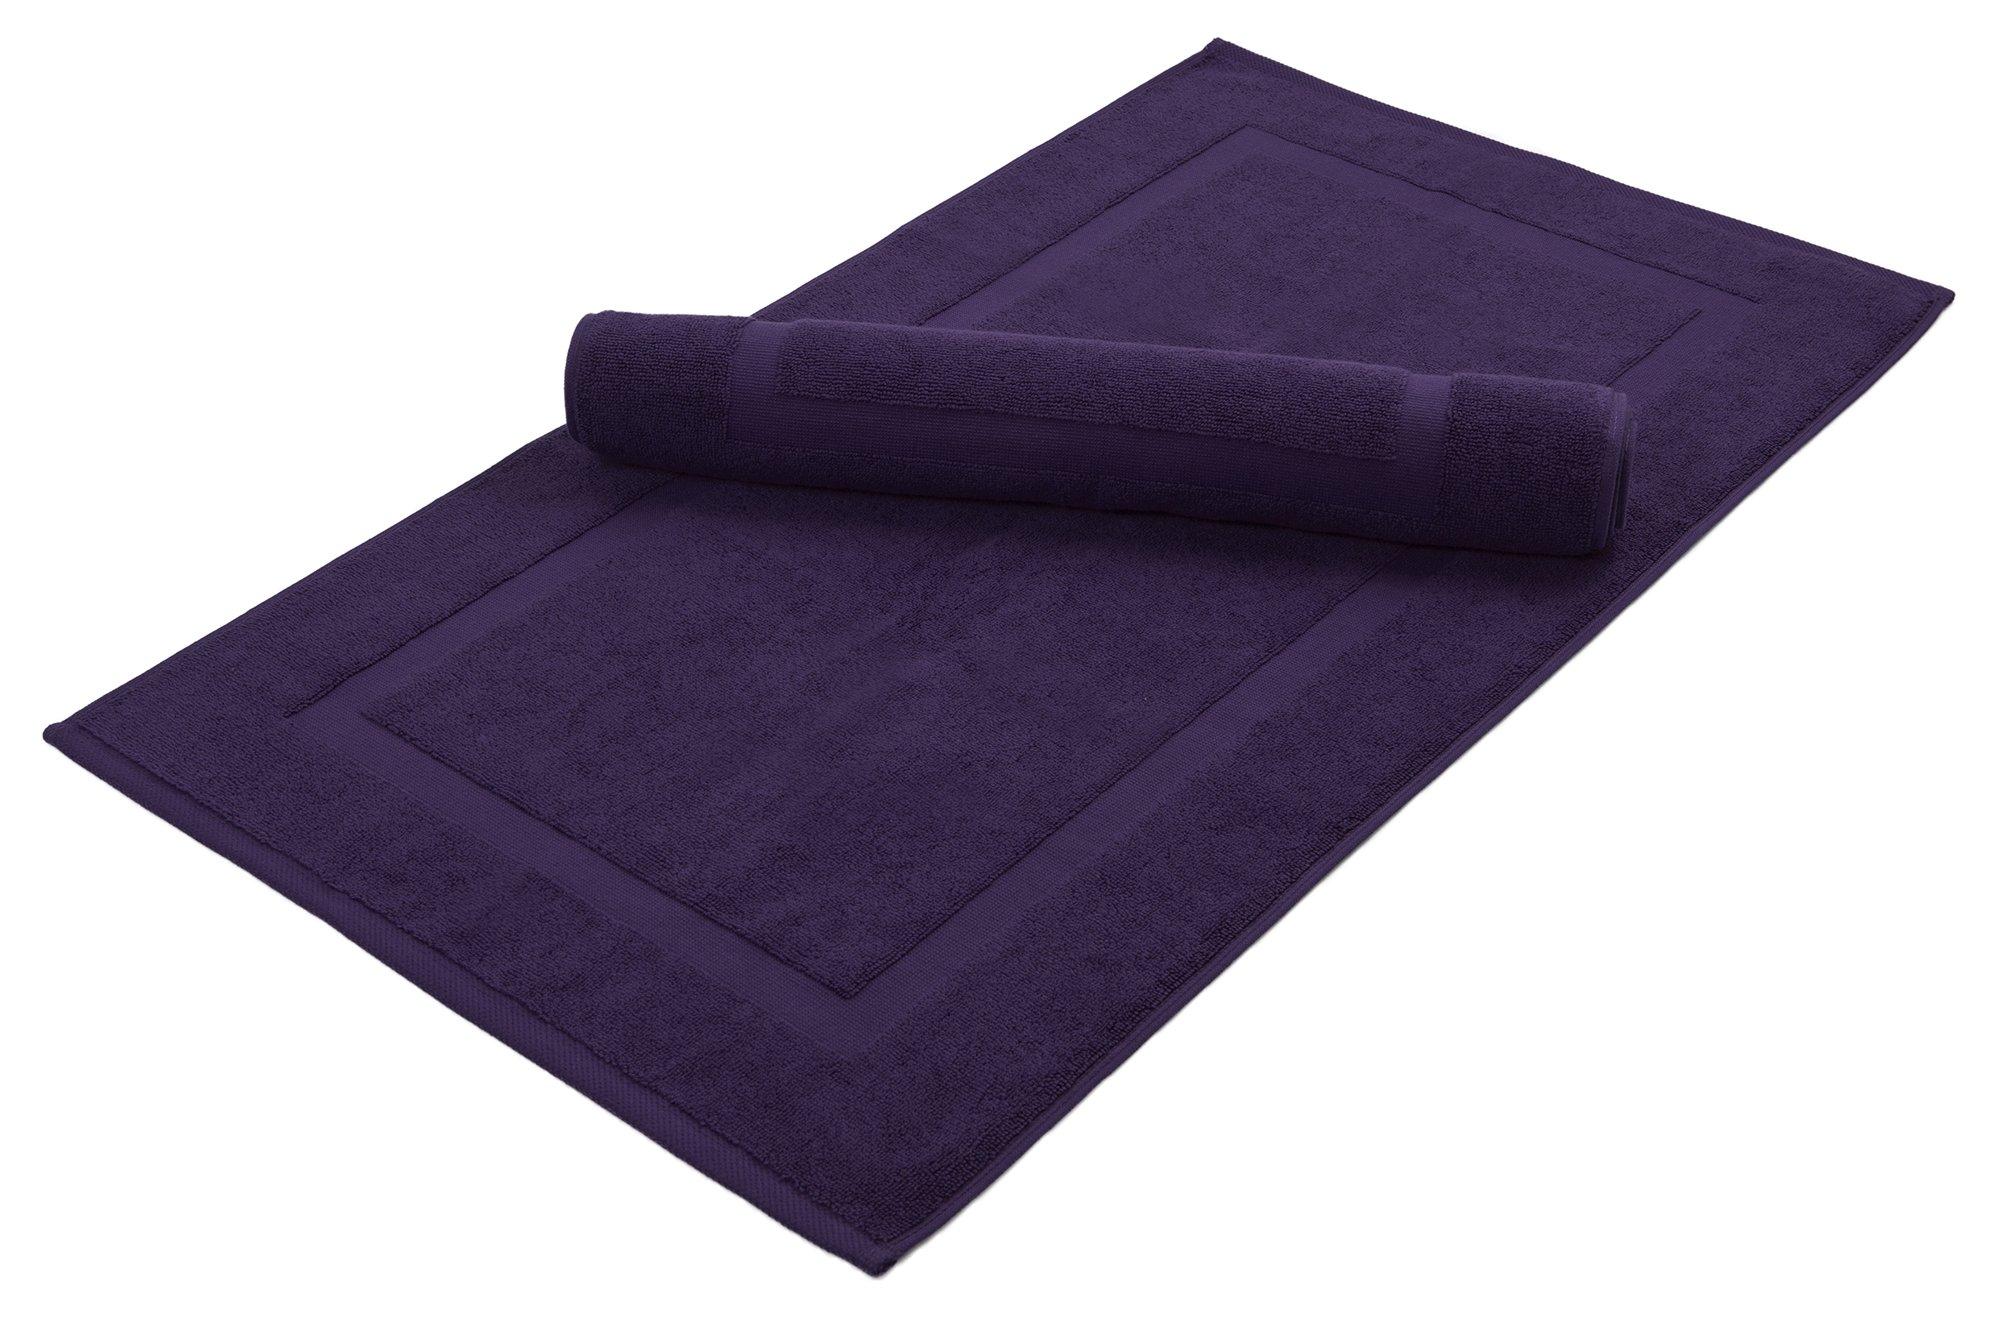 Washable Premium 100% Turkish Cotton Bath Mats | 2-Piece Set, Banded Floor Mats (20x34) - Plum (S2)